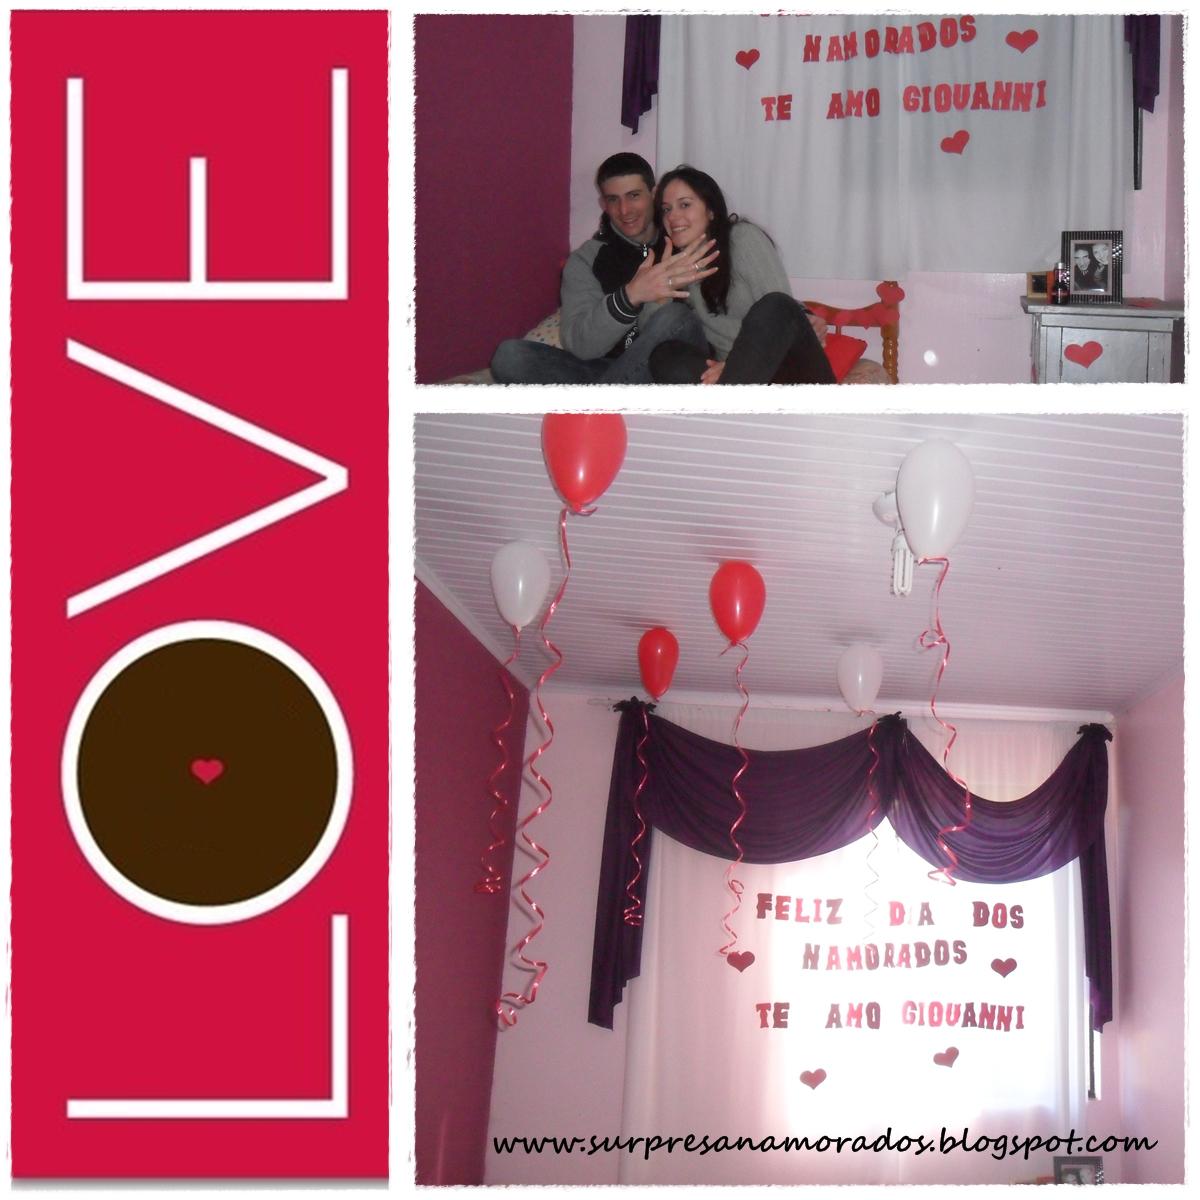 Surpresa da Viviele Surpresas para Namorados ~ Surpresa Em Quarto De Namorado